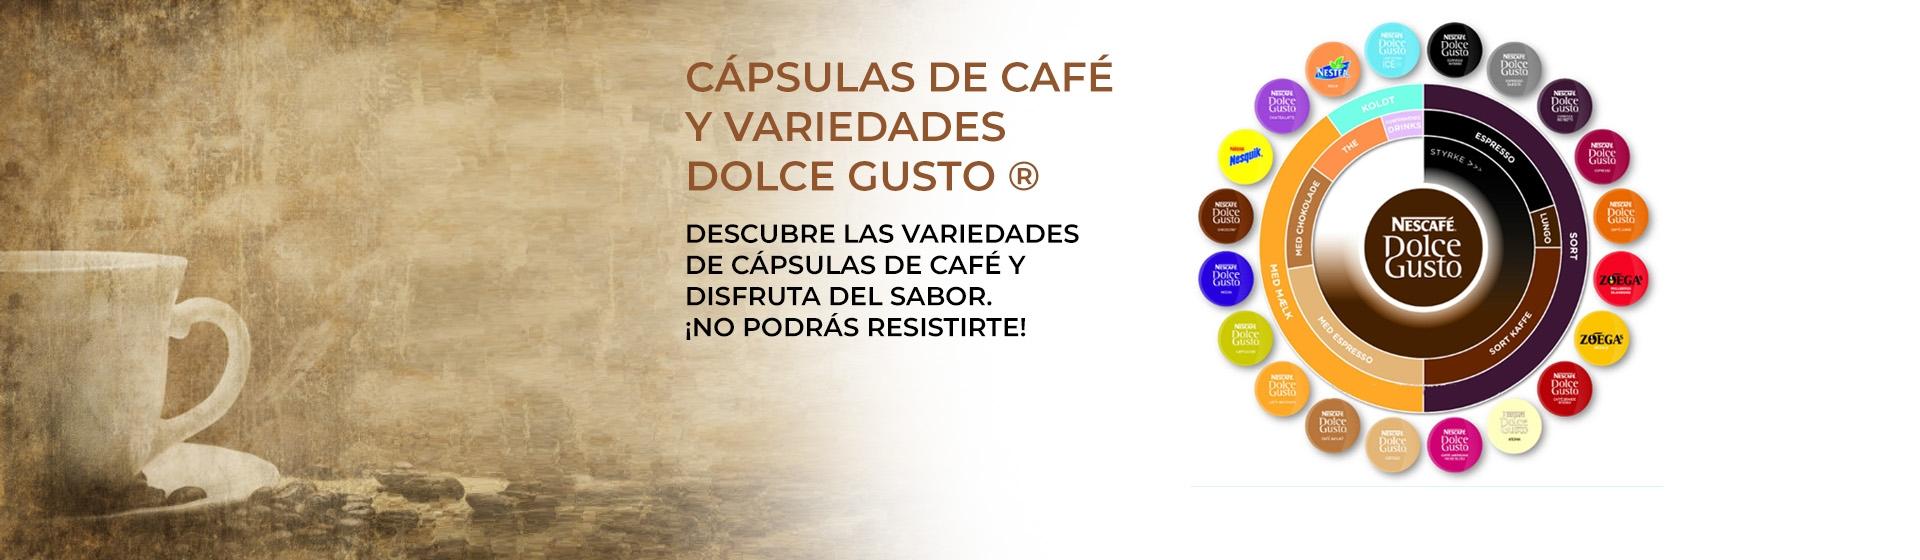 Cápsulas de Café y Variedades NESCAFÉ® Dolce Gusto®, descubre las más de 30 variedades de cápsulas de café y disfruta del sabor. ¡No podrás resistirte!